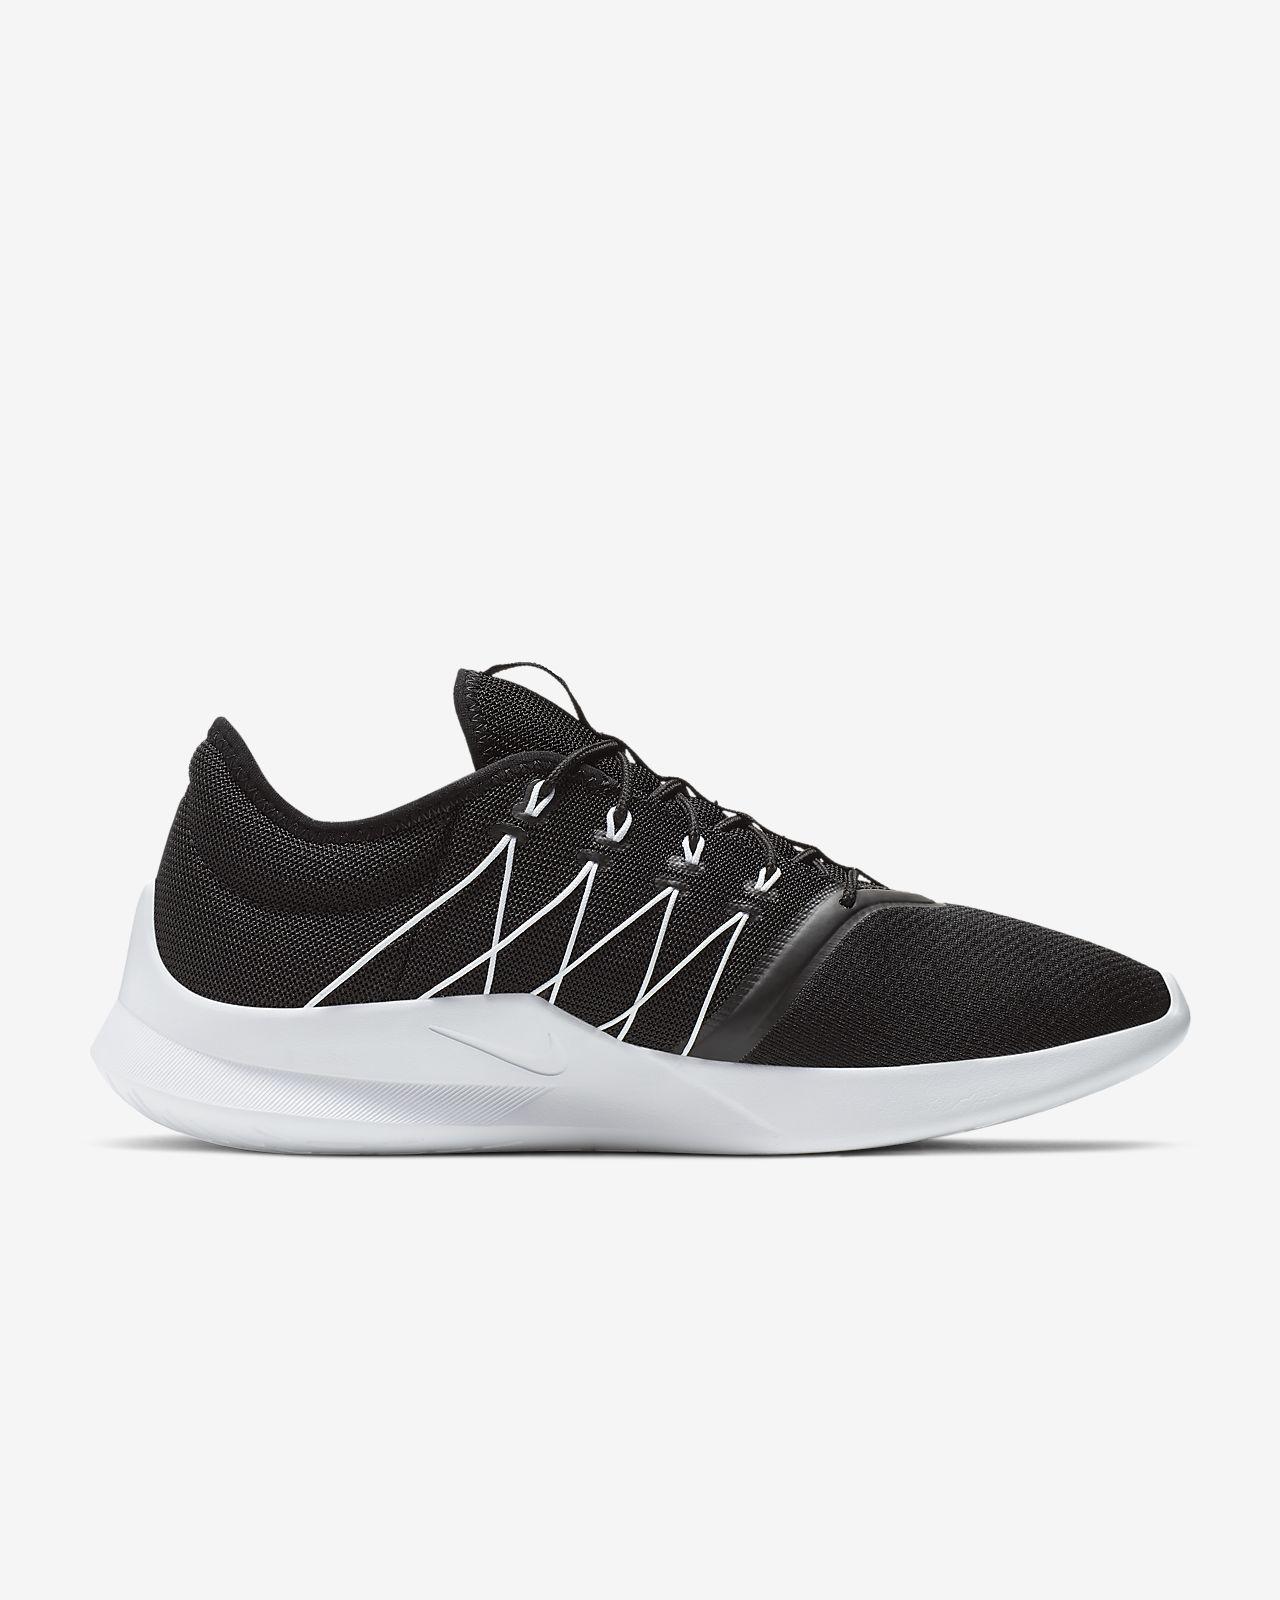 Nike Viale Tech Racer Men's Shoe